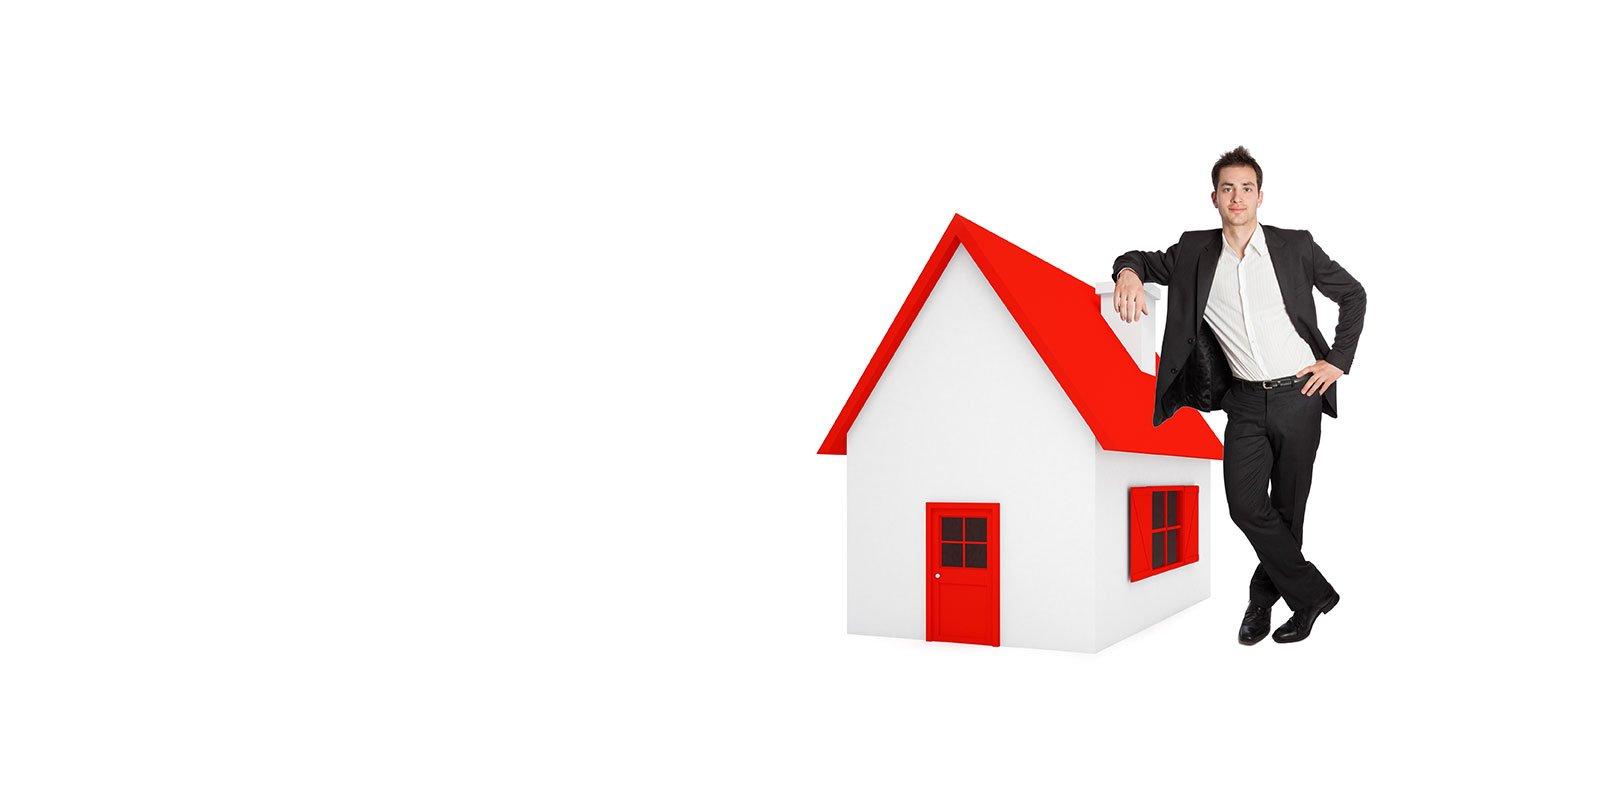 Un modellino di una casa e accanto un uomo in completo nero